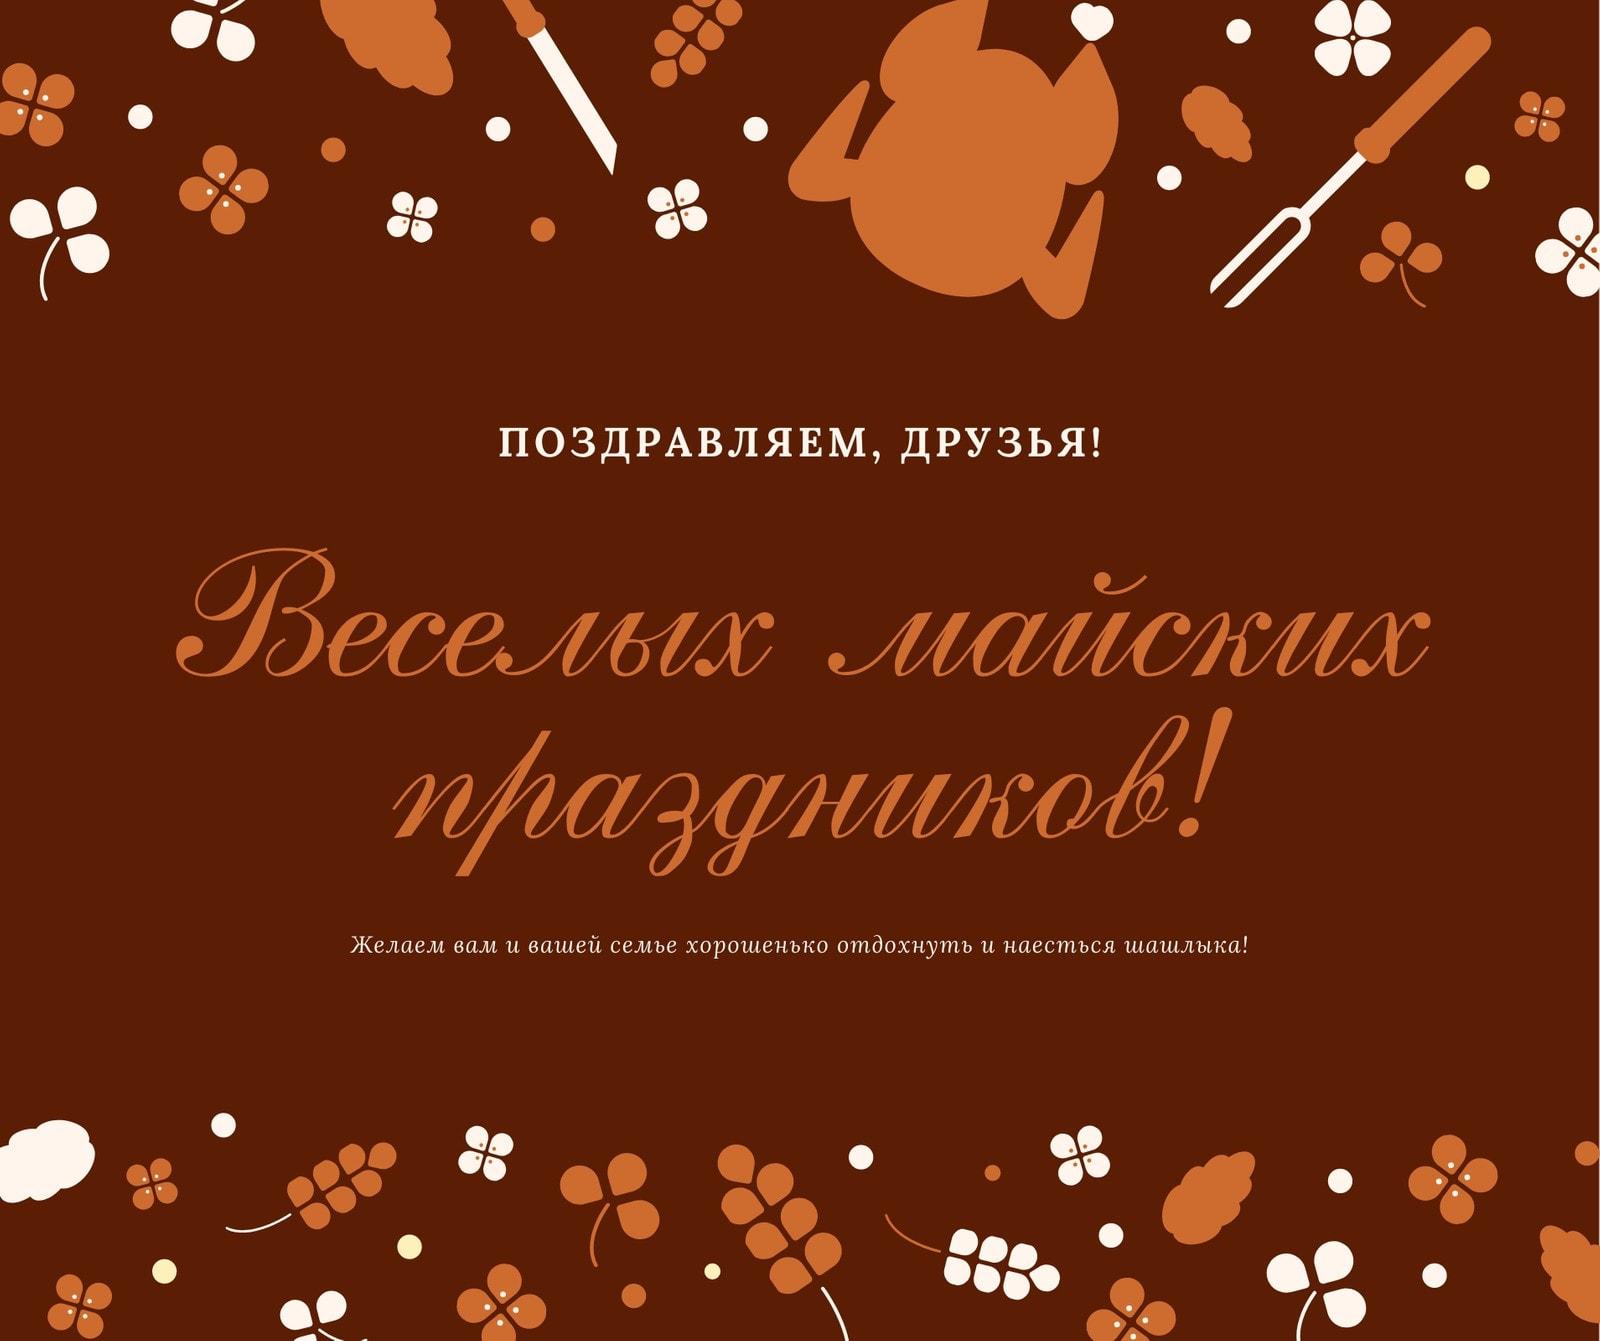 Сердечное Поздравление с Майскими Праздниками Публикация в Facebook